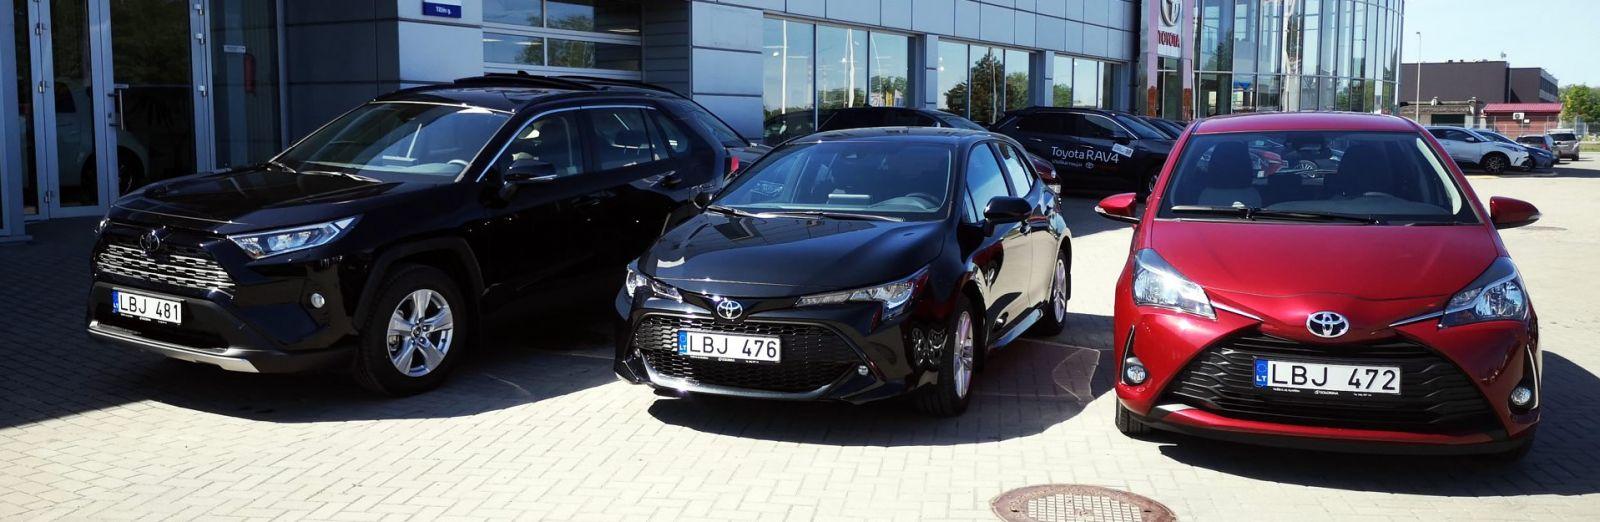 Аренда авто Клайпеда: новые Тойоты компании EuroRenta.lt